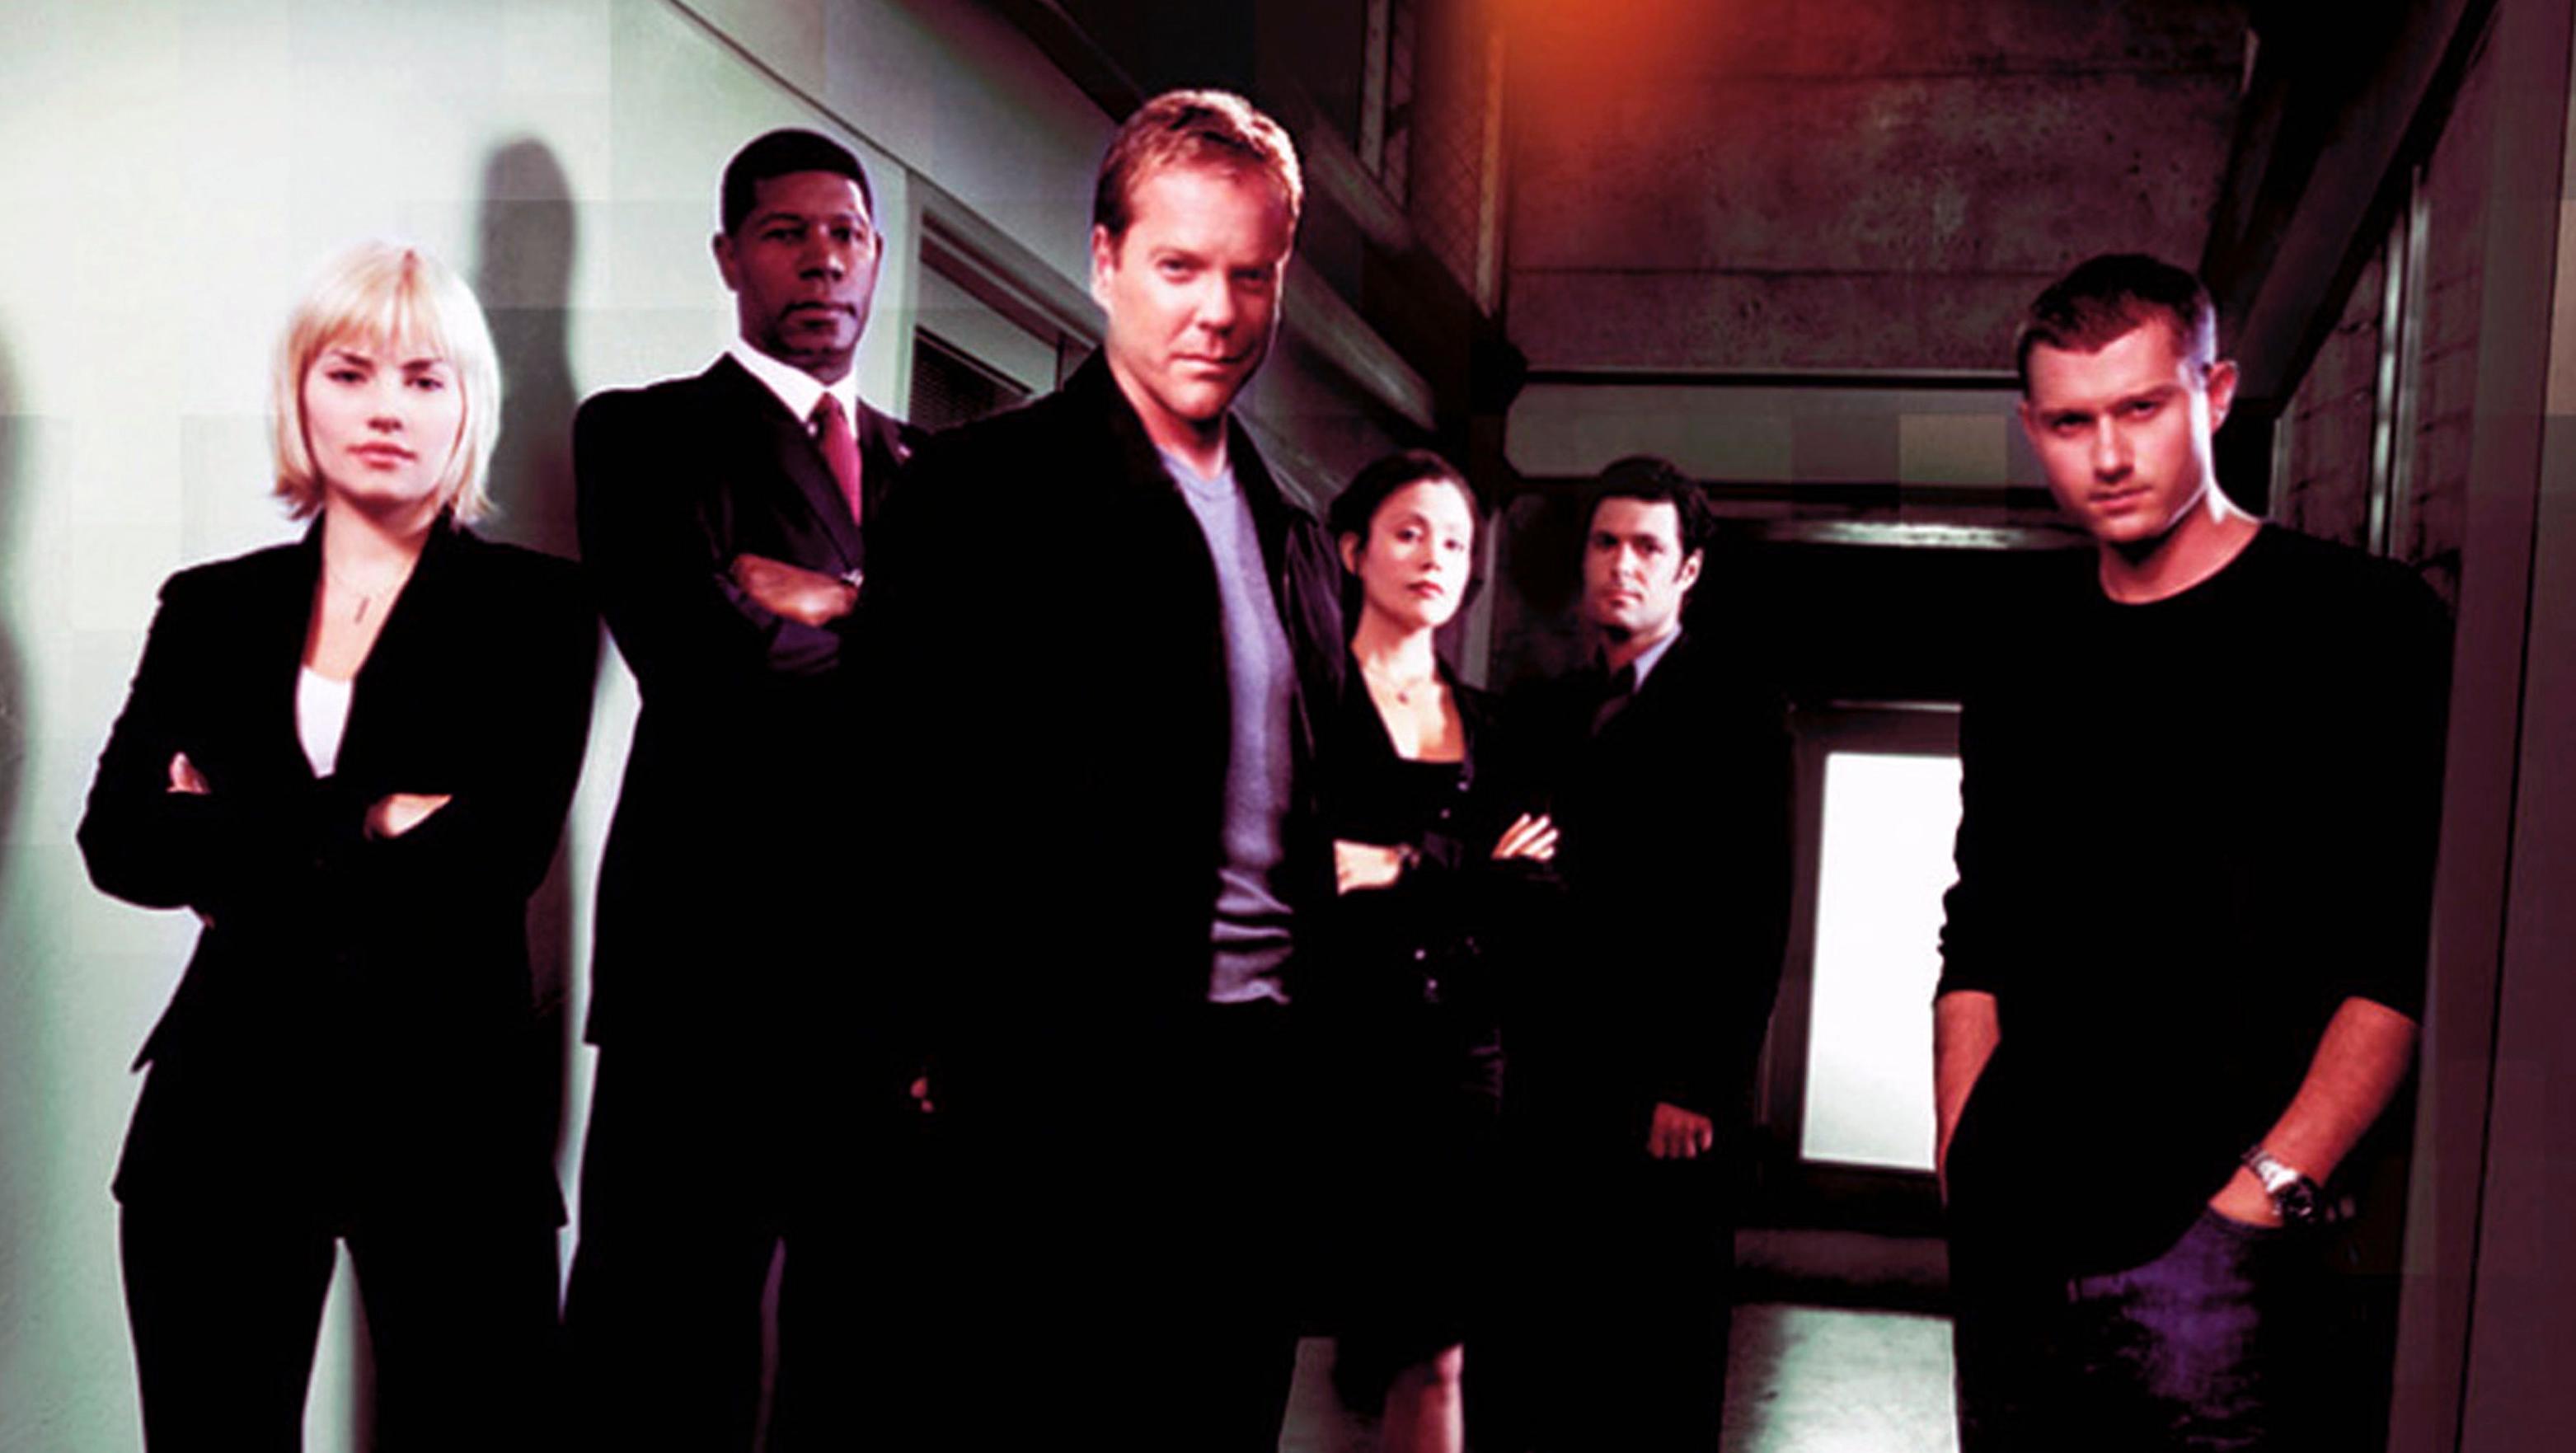 Für Kiefer Sutherland die Rolle seines Lebens, und nebenbei erfanden die Drehbuchautoren die 'Echtzeitserie'. Wegen der Werb